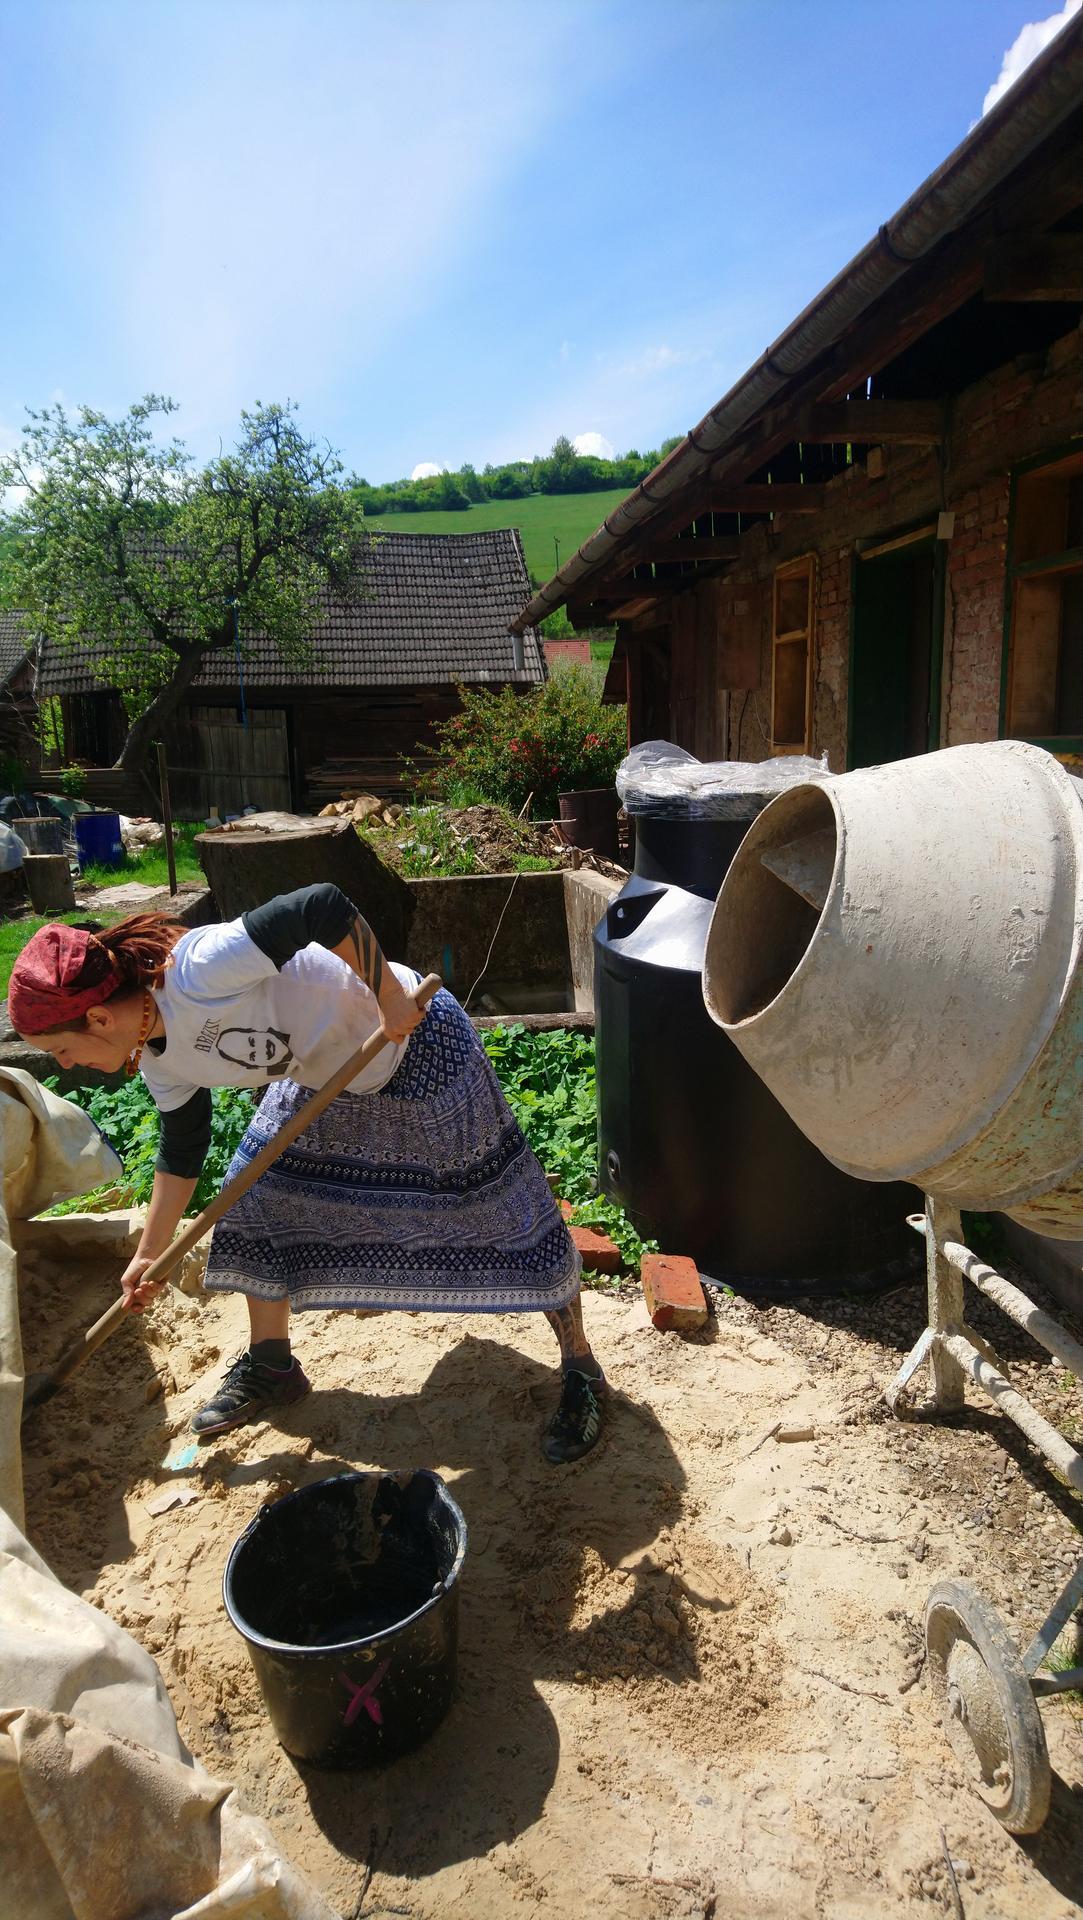 Hlinené omietky - Slunce, seno,..... Omietky. Slovensky vidiek ako sa patrí, kohúty, bučanie kráv, rev cirkulárky, rozhlas a aj kožkár bol.